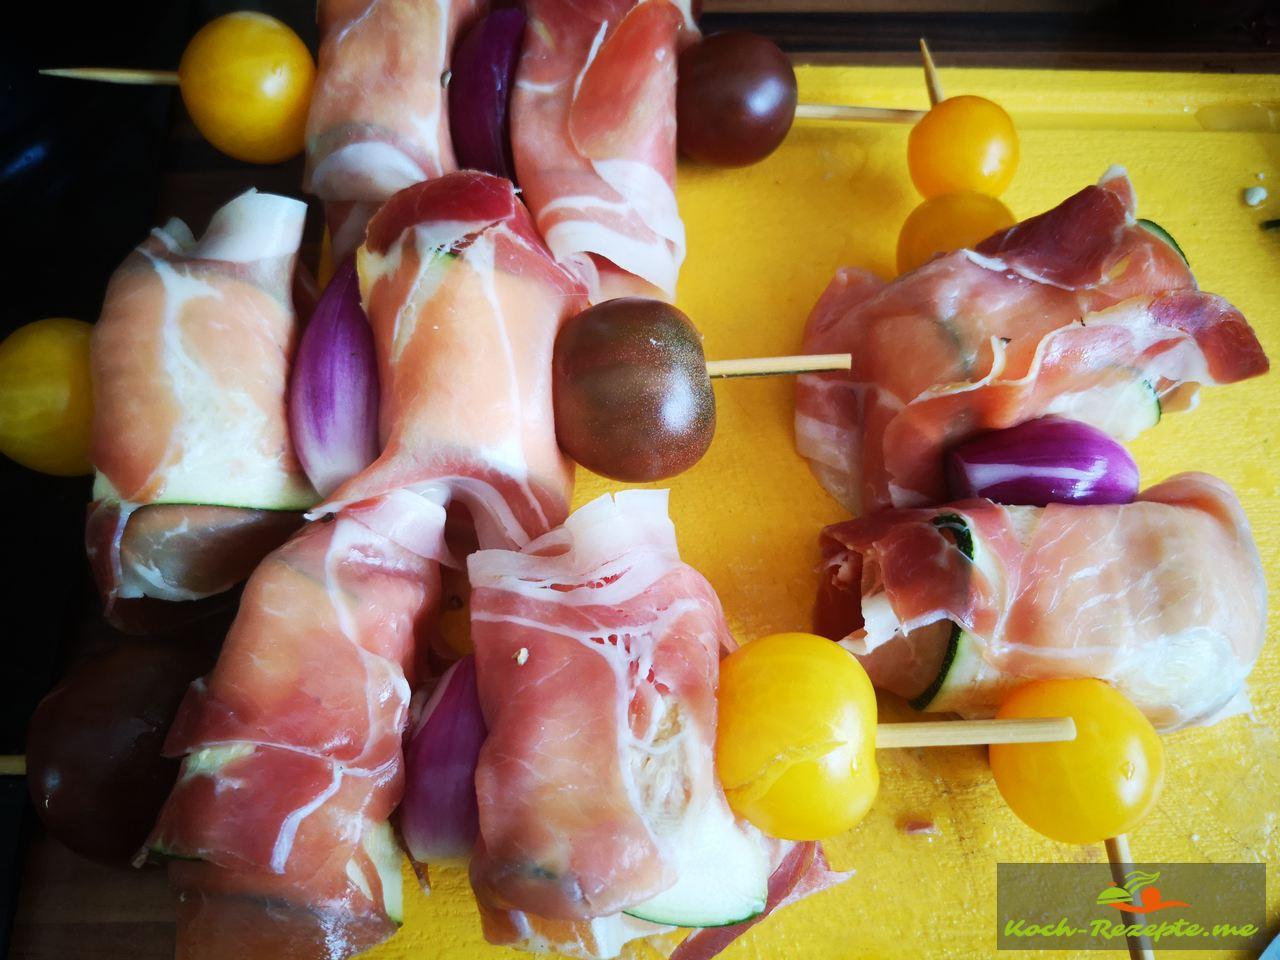 auf gewässerte Spieße die fertigen Schinken-Zucchini-Käse Päckchen geben